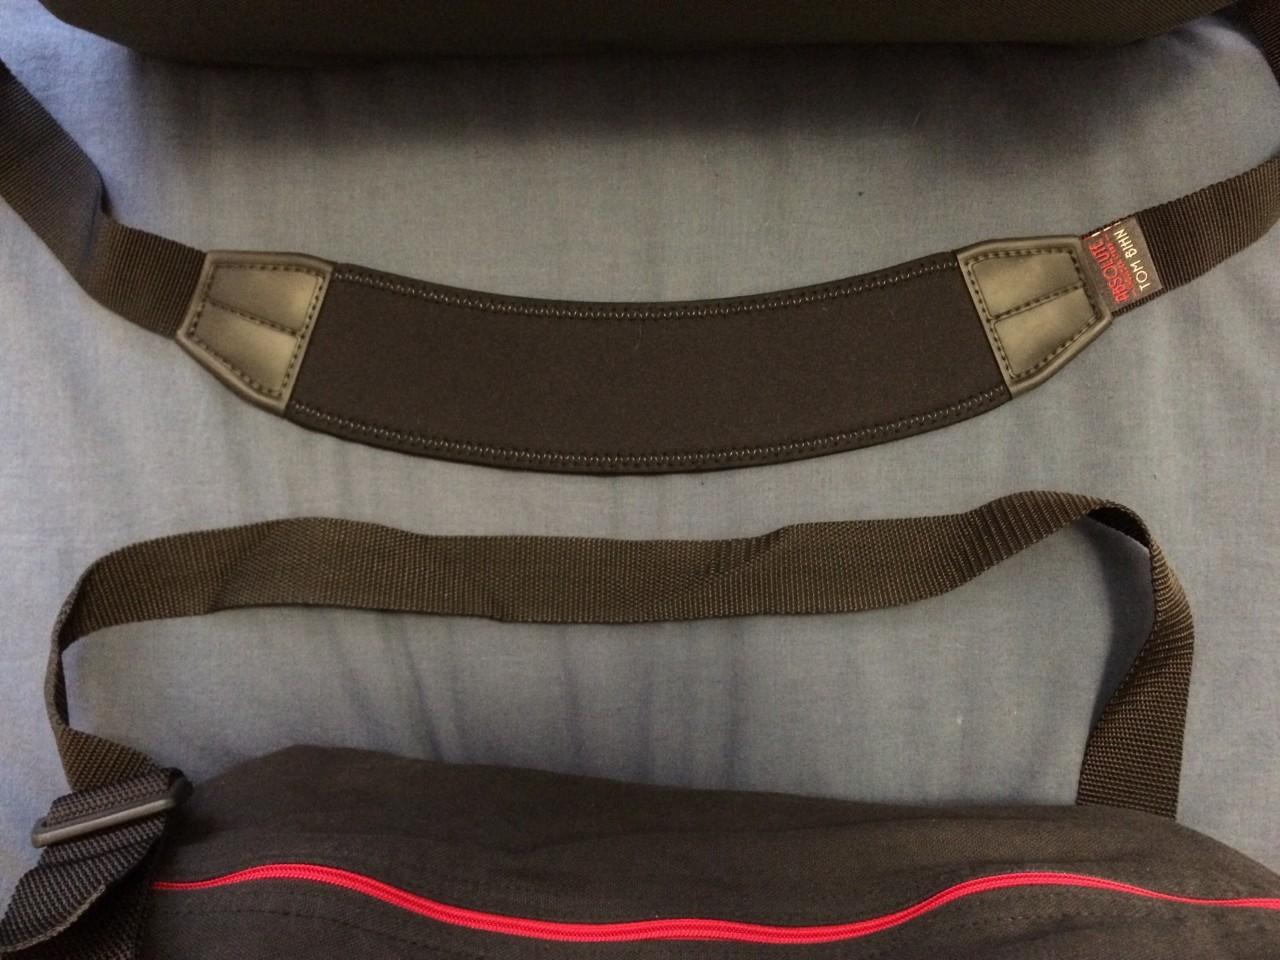 Duffel bag shoulder strap comparison